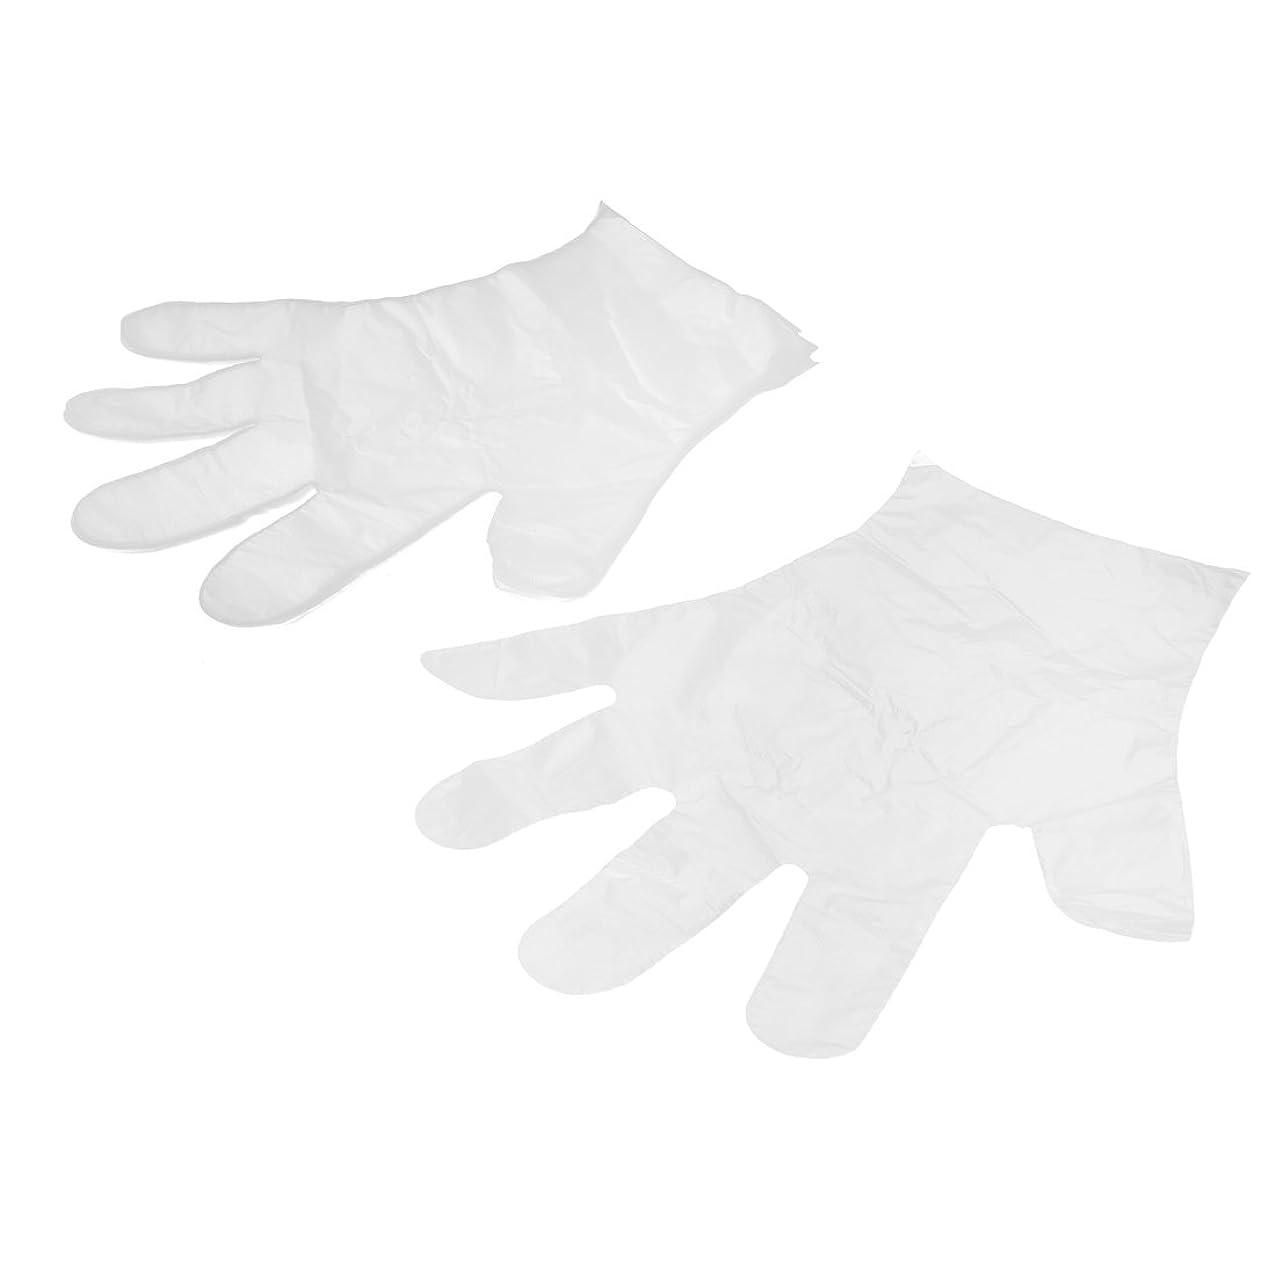 突き刺す石の慣らすuxcell 使い捨て手袋 家庭用 食べ物サービス 手の保護 透明 プラスチック 28 x 20cm 25ペア入り